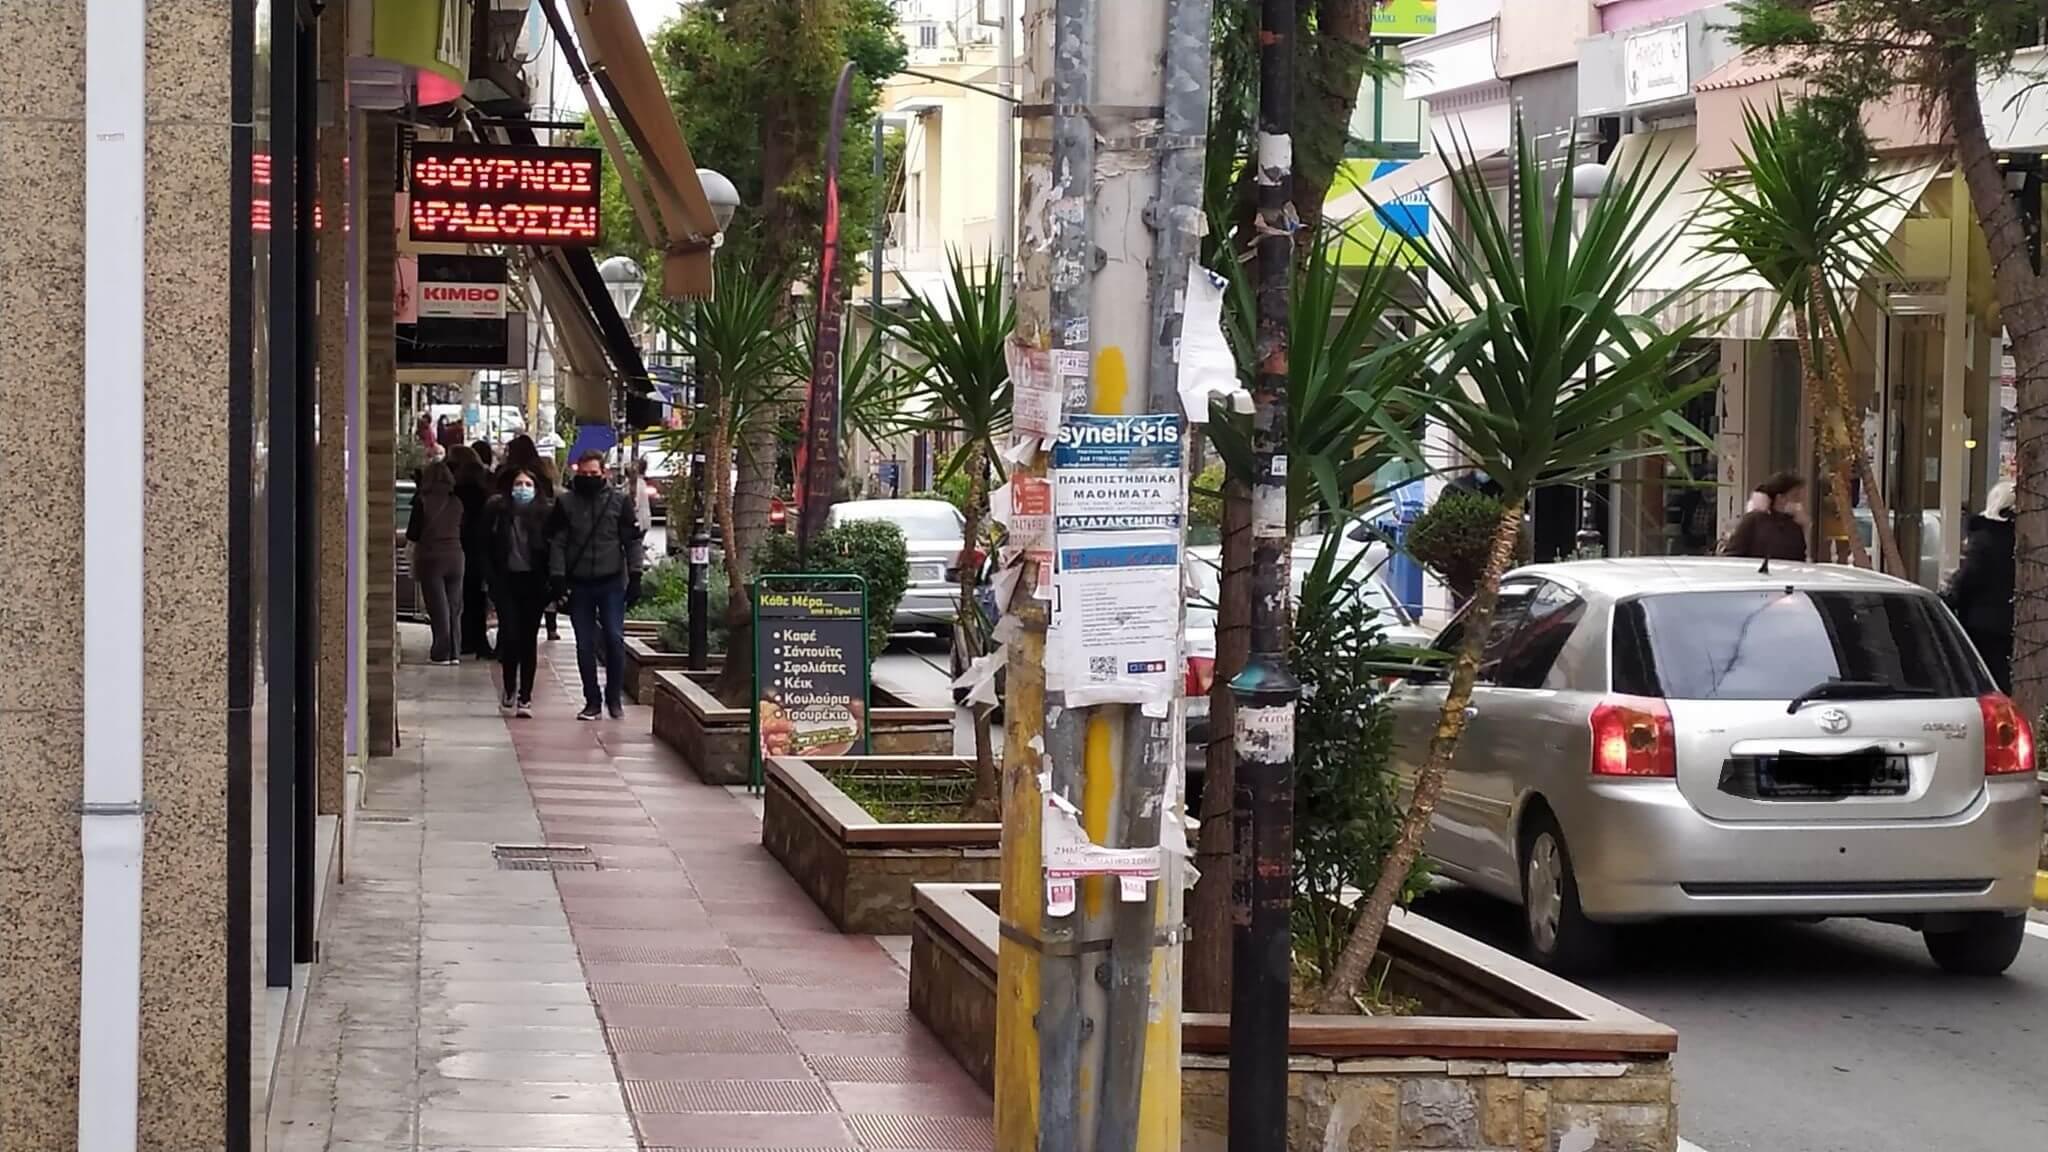 Κερατσίνι: Ανοικτά μαγαζιά, άφαντοι οι καταναλωτές